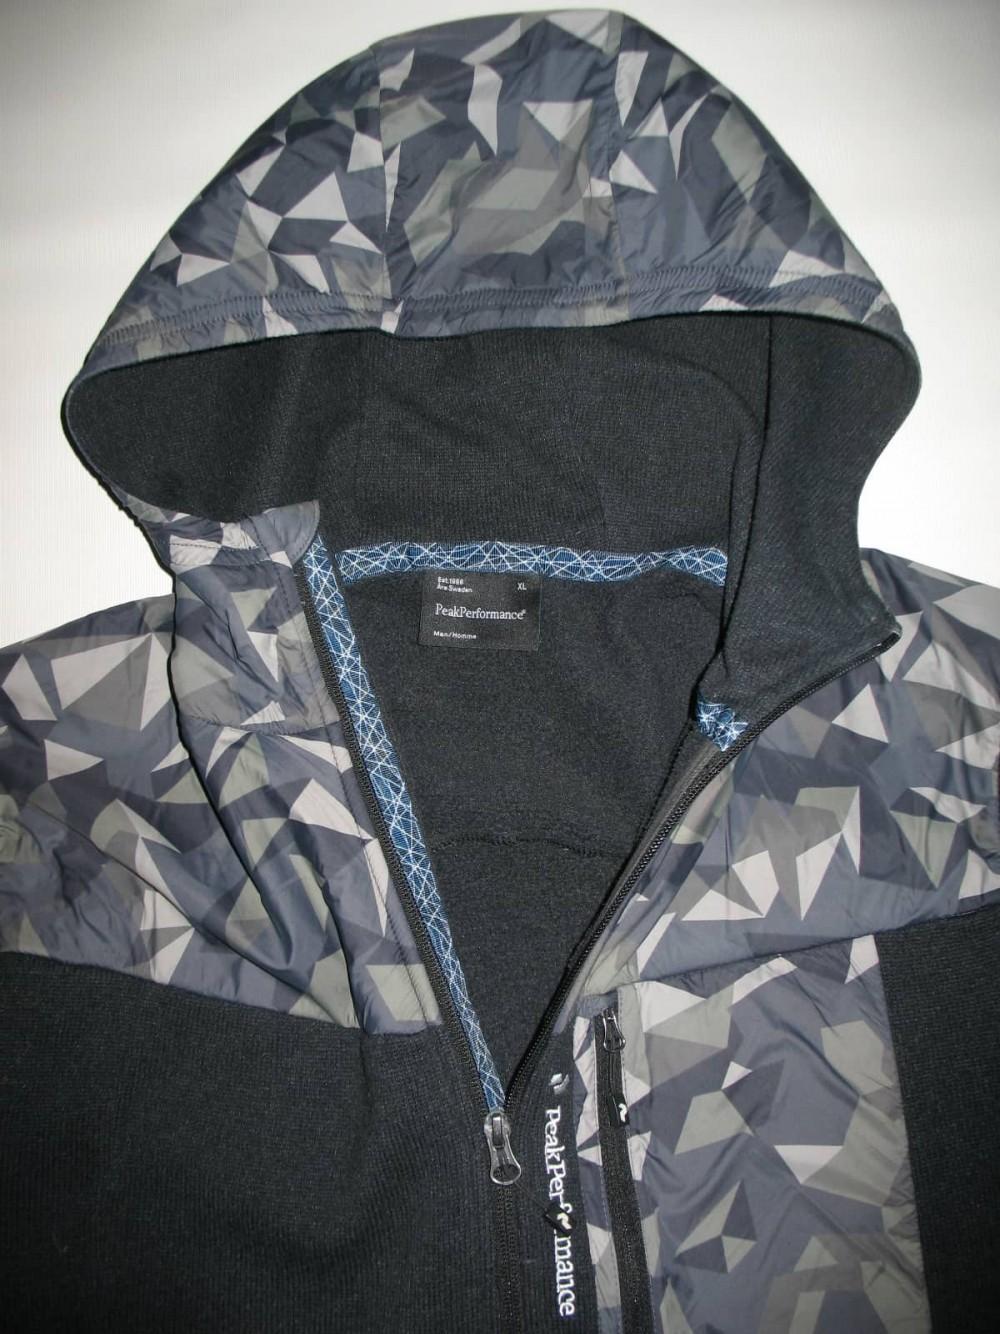 Кофта PEAK PERFOMANCE tebulos fleece hoody (размер XL) - 2